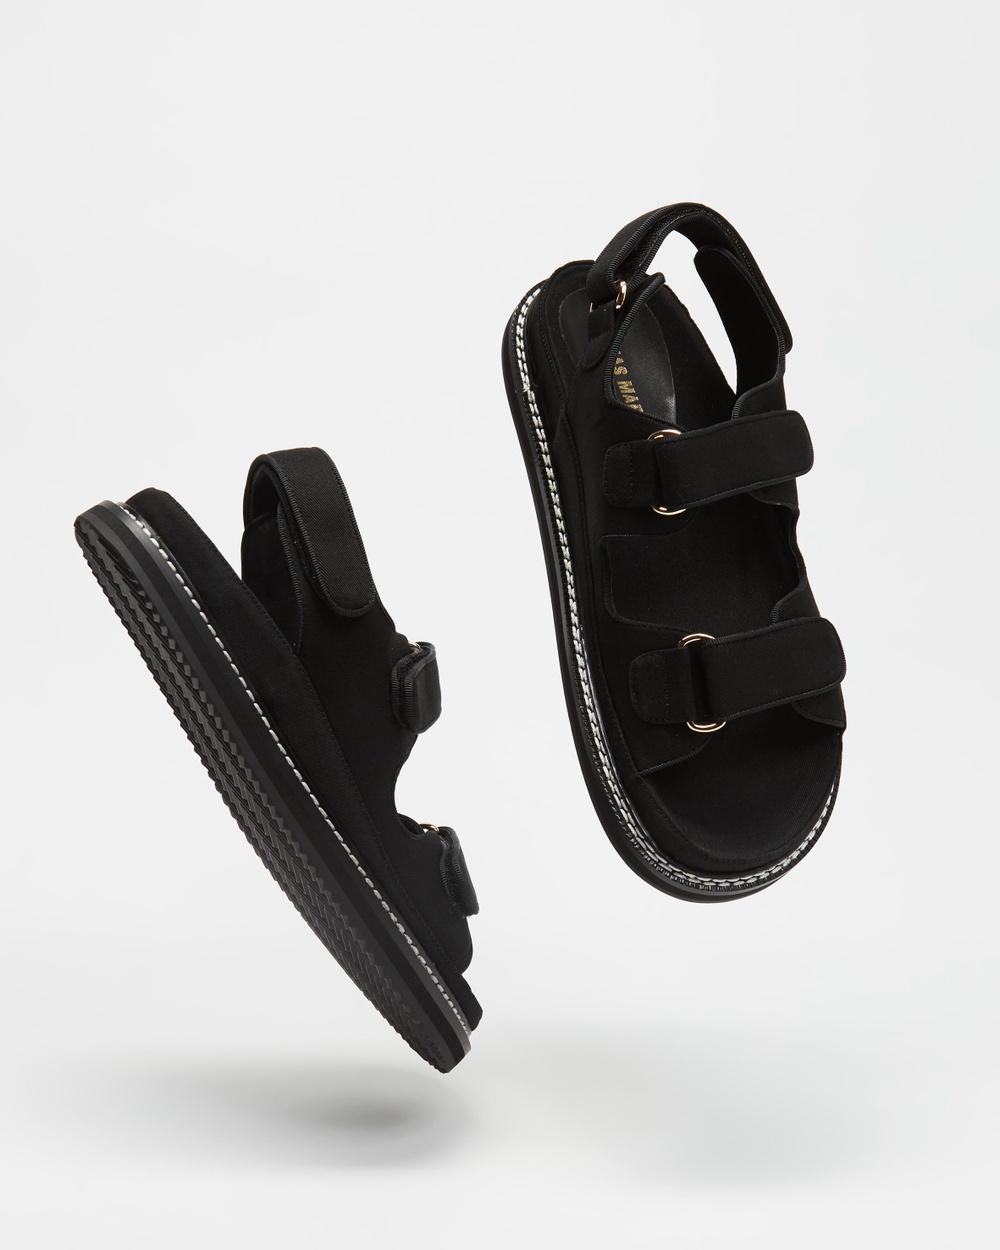 Alias Mae Pascale Sandals Black Canvas